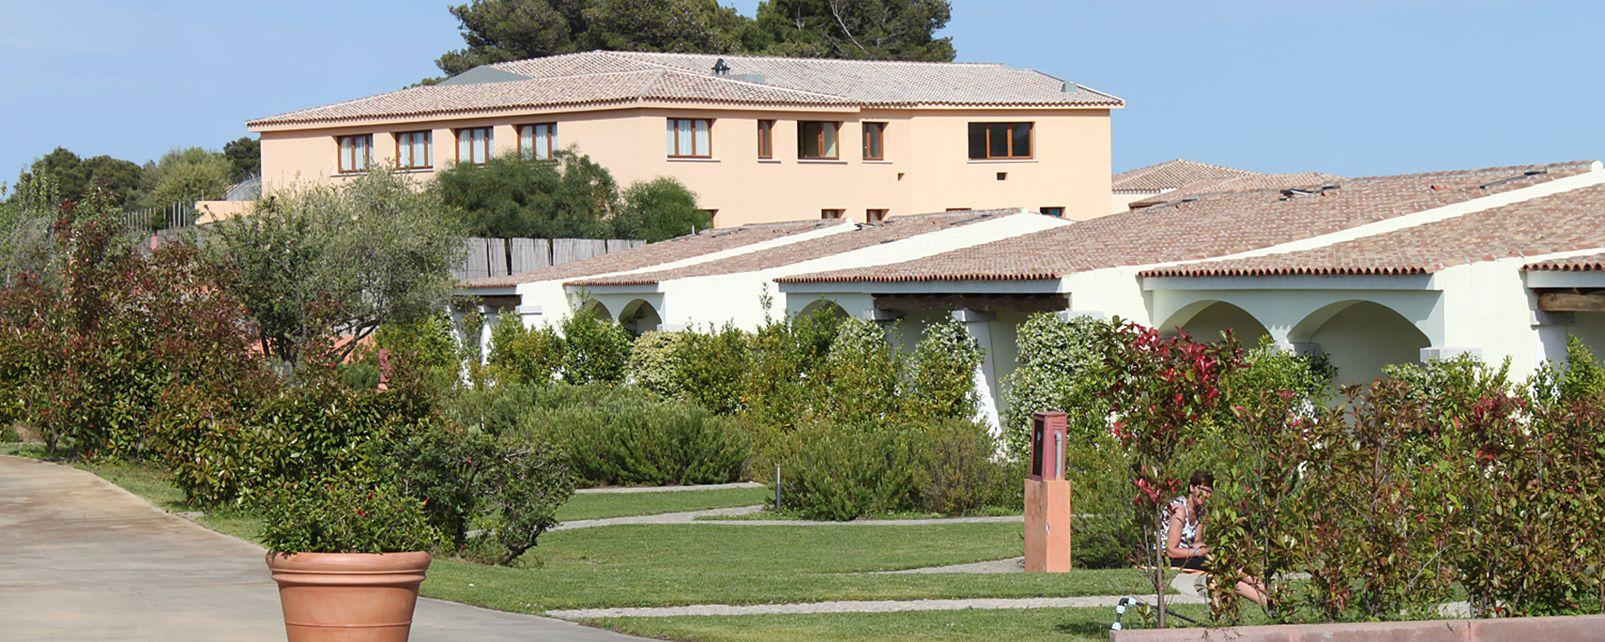 Hôtel I Corbezzoli